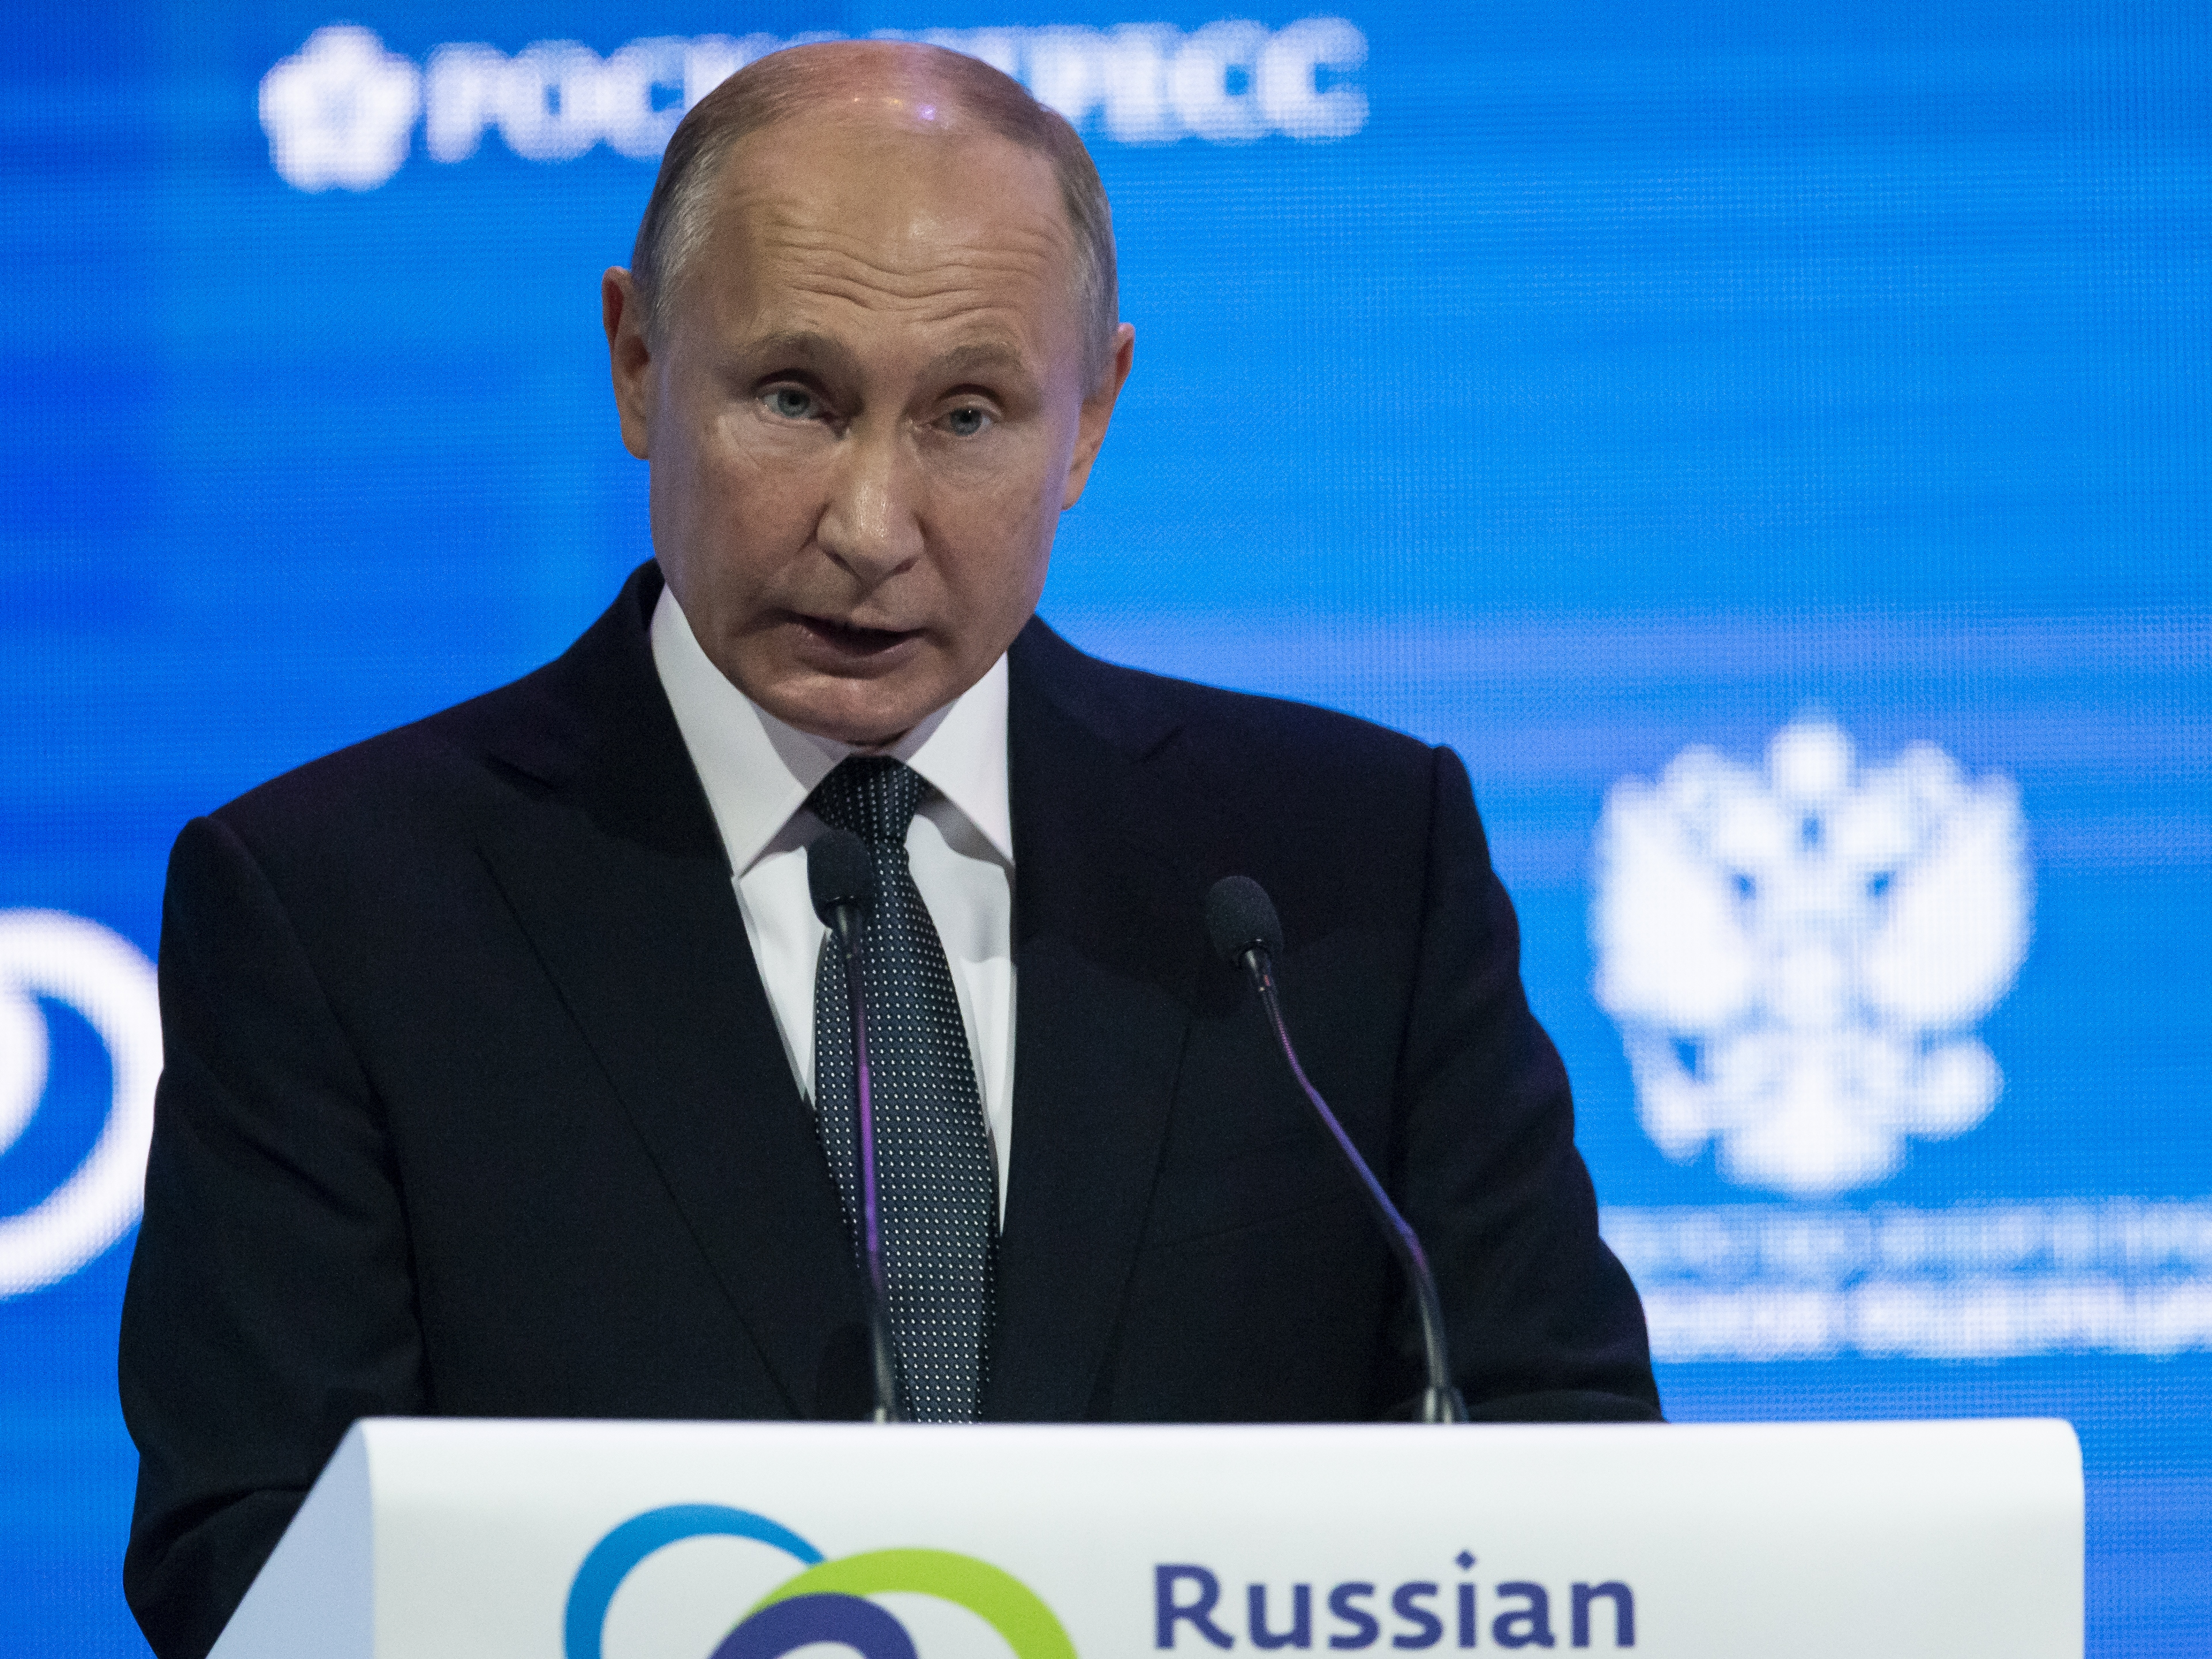 Putyin: Ha Ukrajna állampolgárságot ad az oroszoknak, Oroszország meg az ukránoknak, közös állampolgárságunk lesz